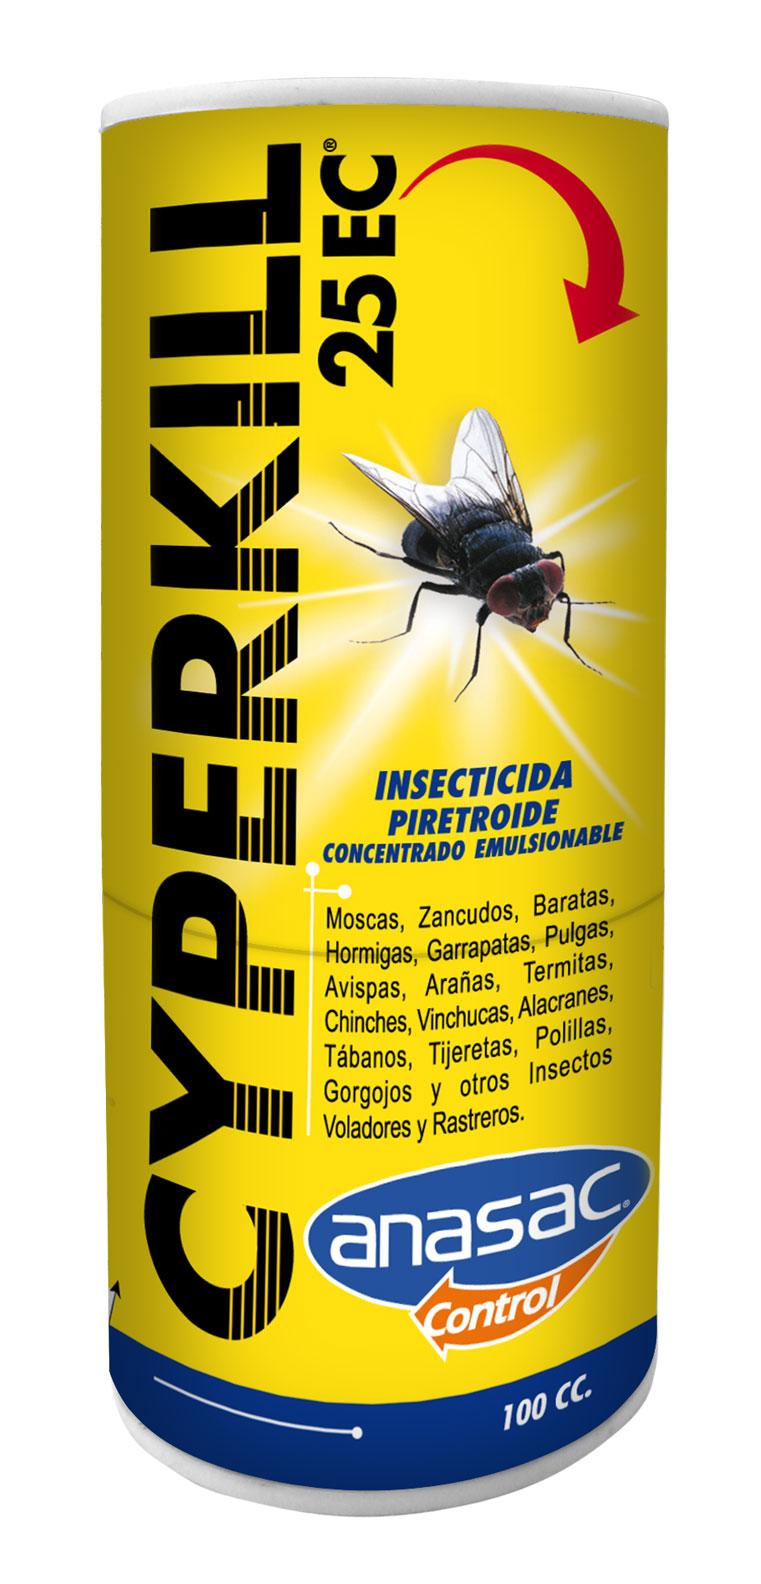 Insecticida Cyperkill 25 Ec Anasac Jard N ~ Como Eliminar Las Polillas De Casa